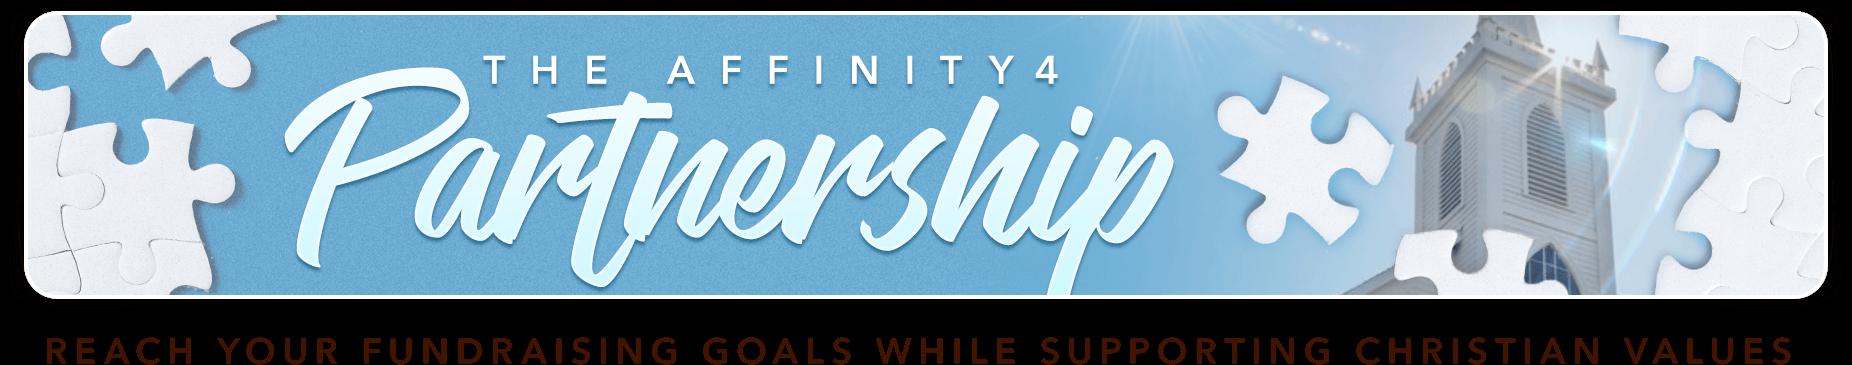 The Affinity4 Partnership